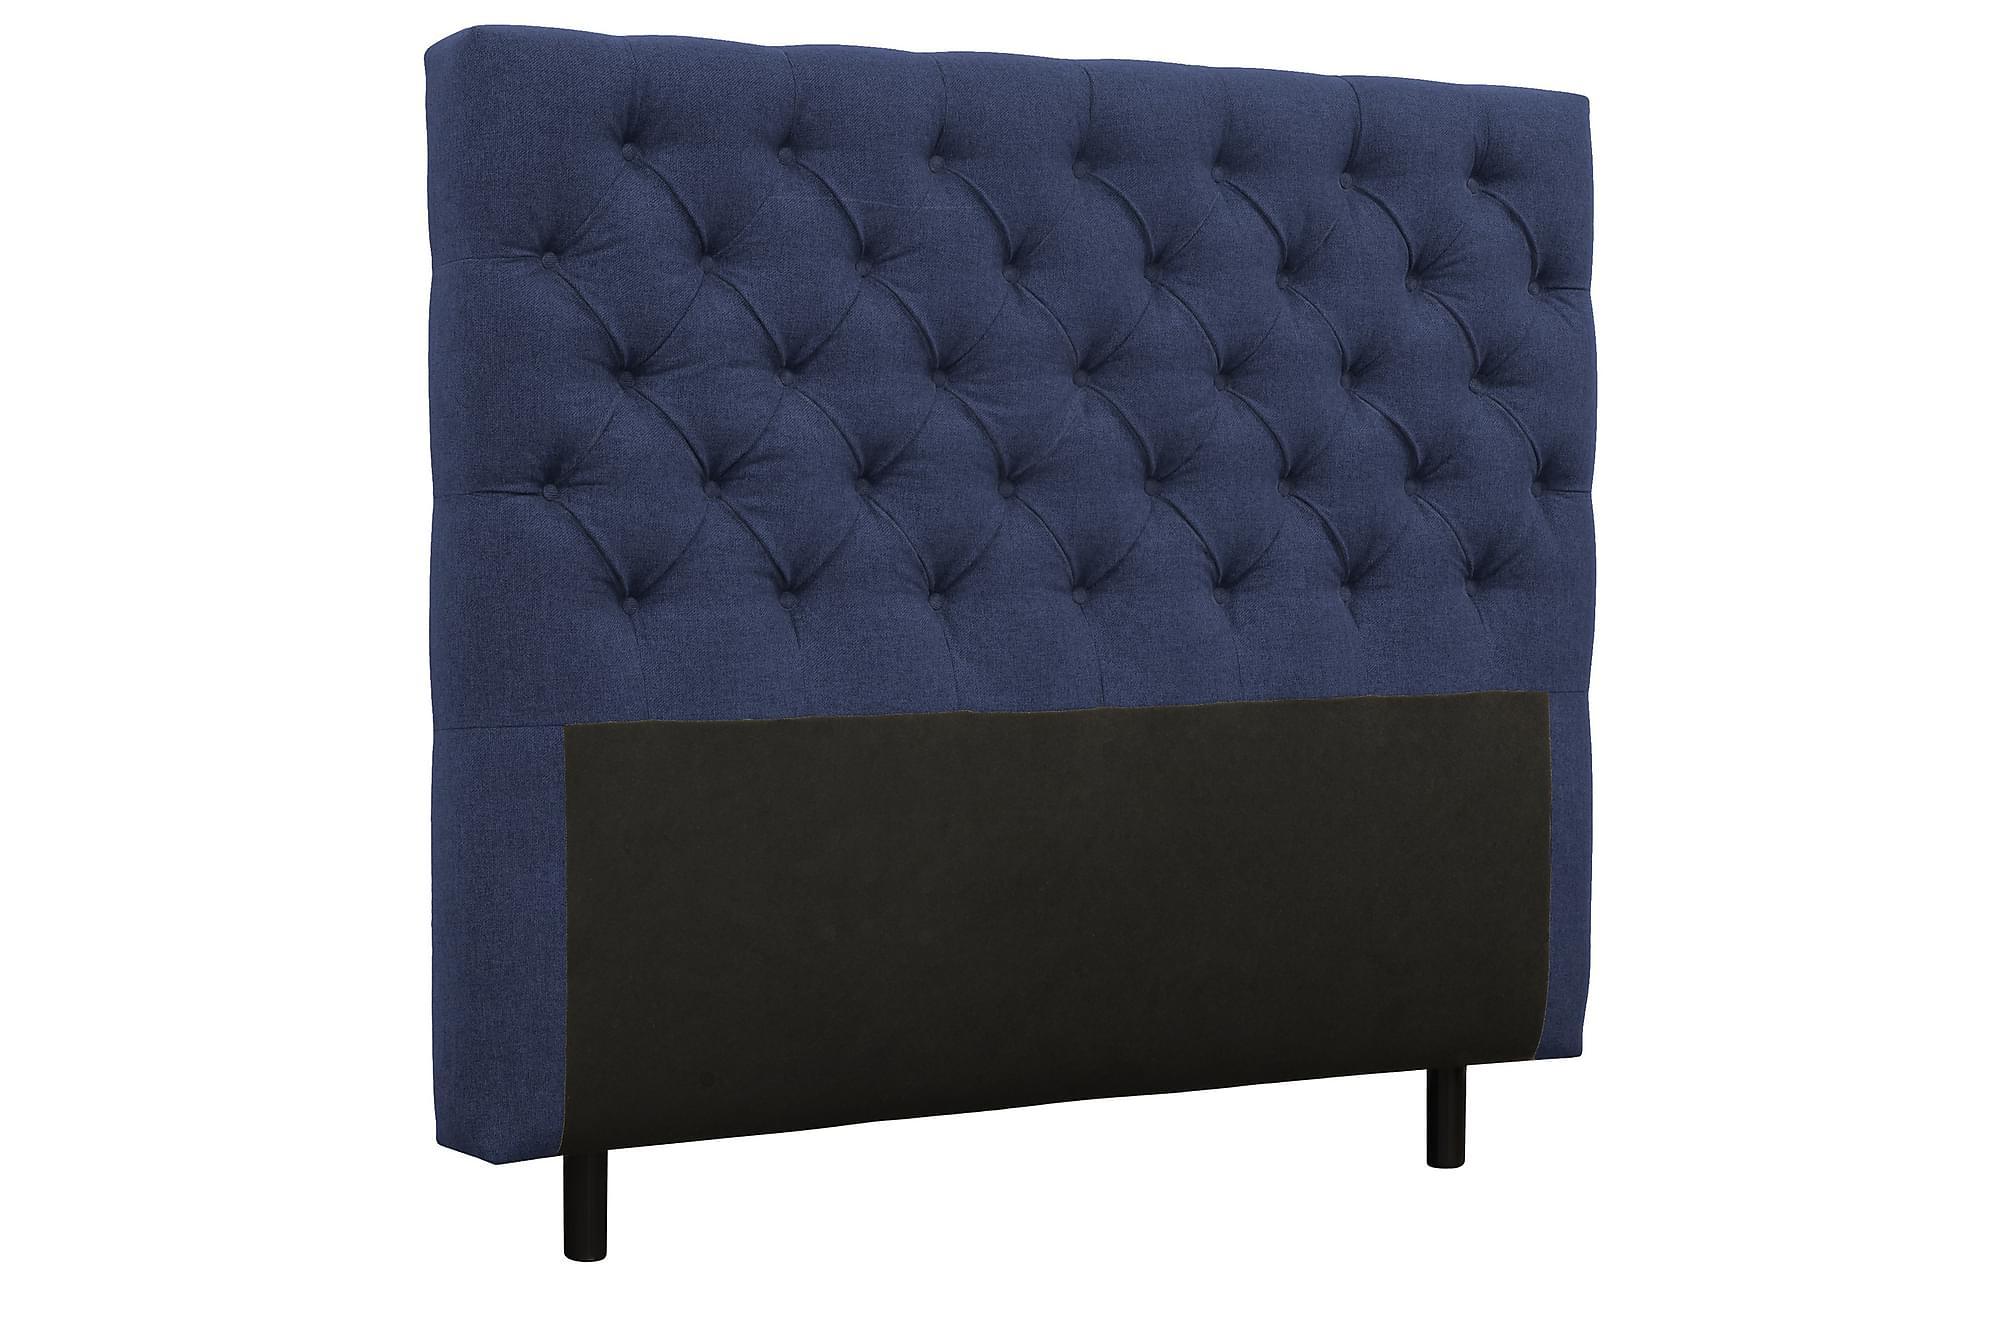 AUGUSTA Sänggavel 160 cm Mörkblå, Sänggavlar